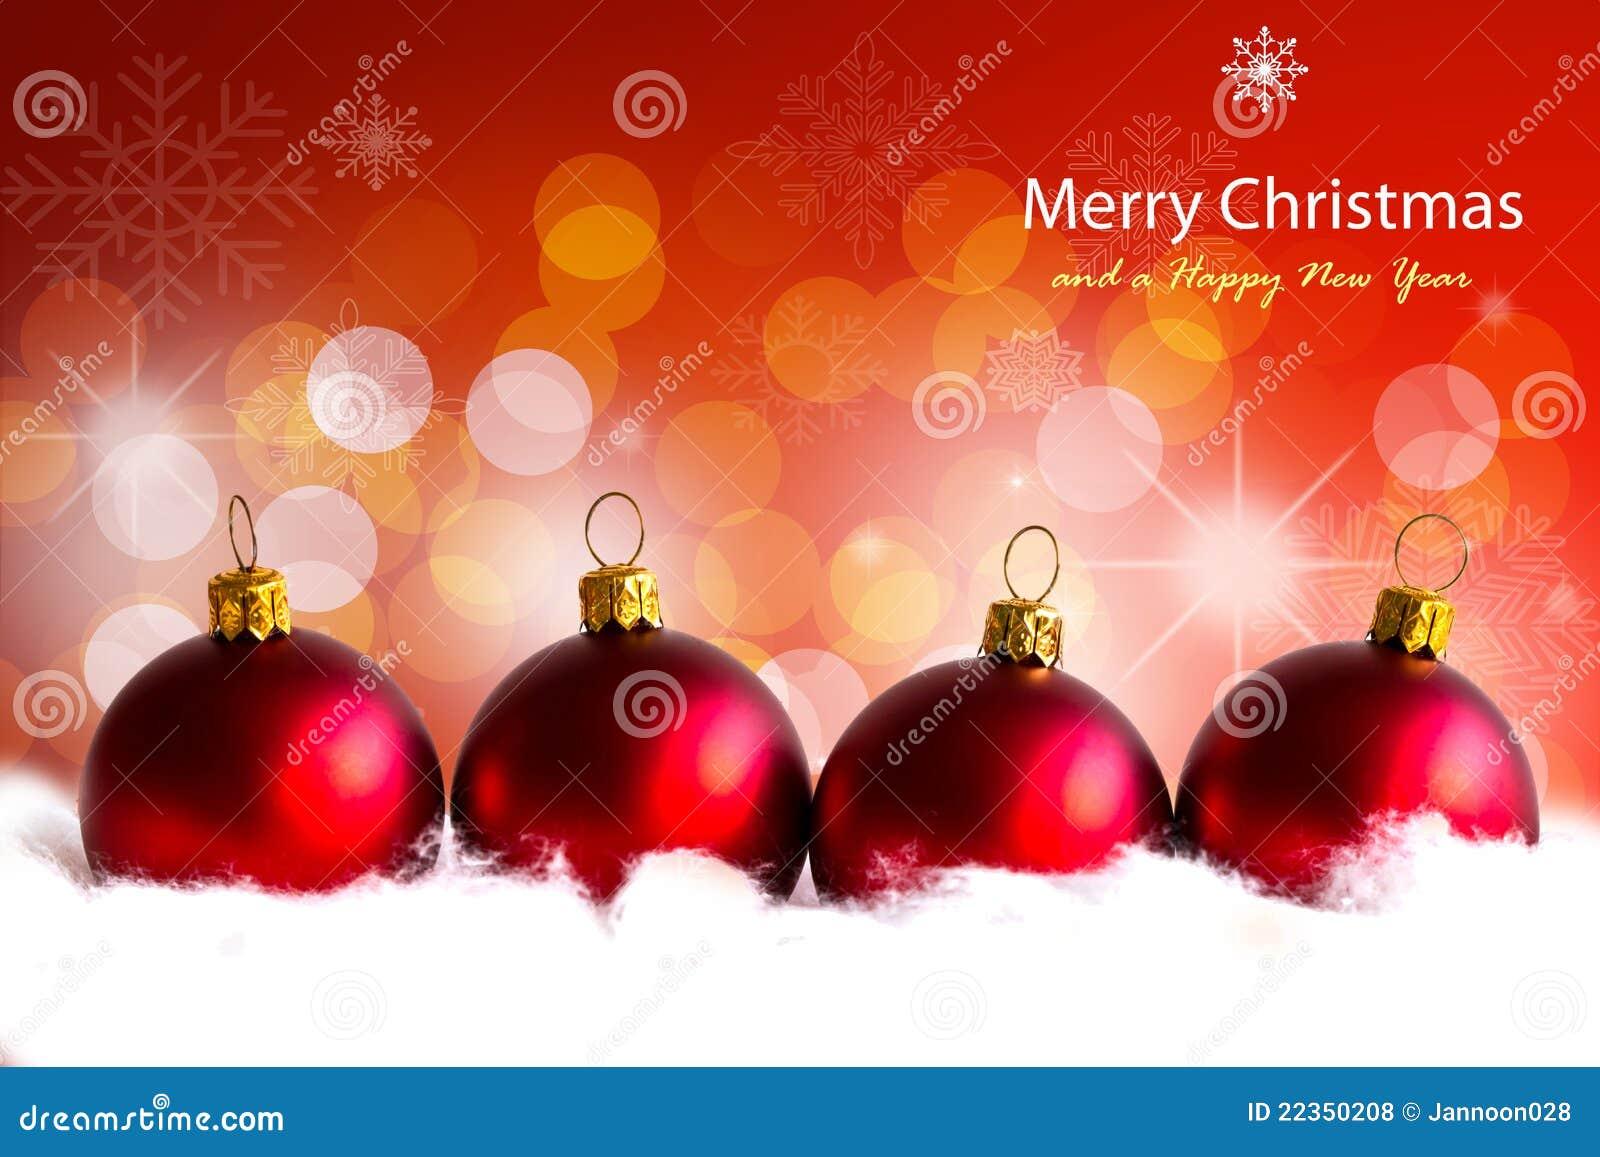 发光的红色圣诞节球。